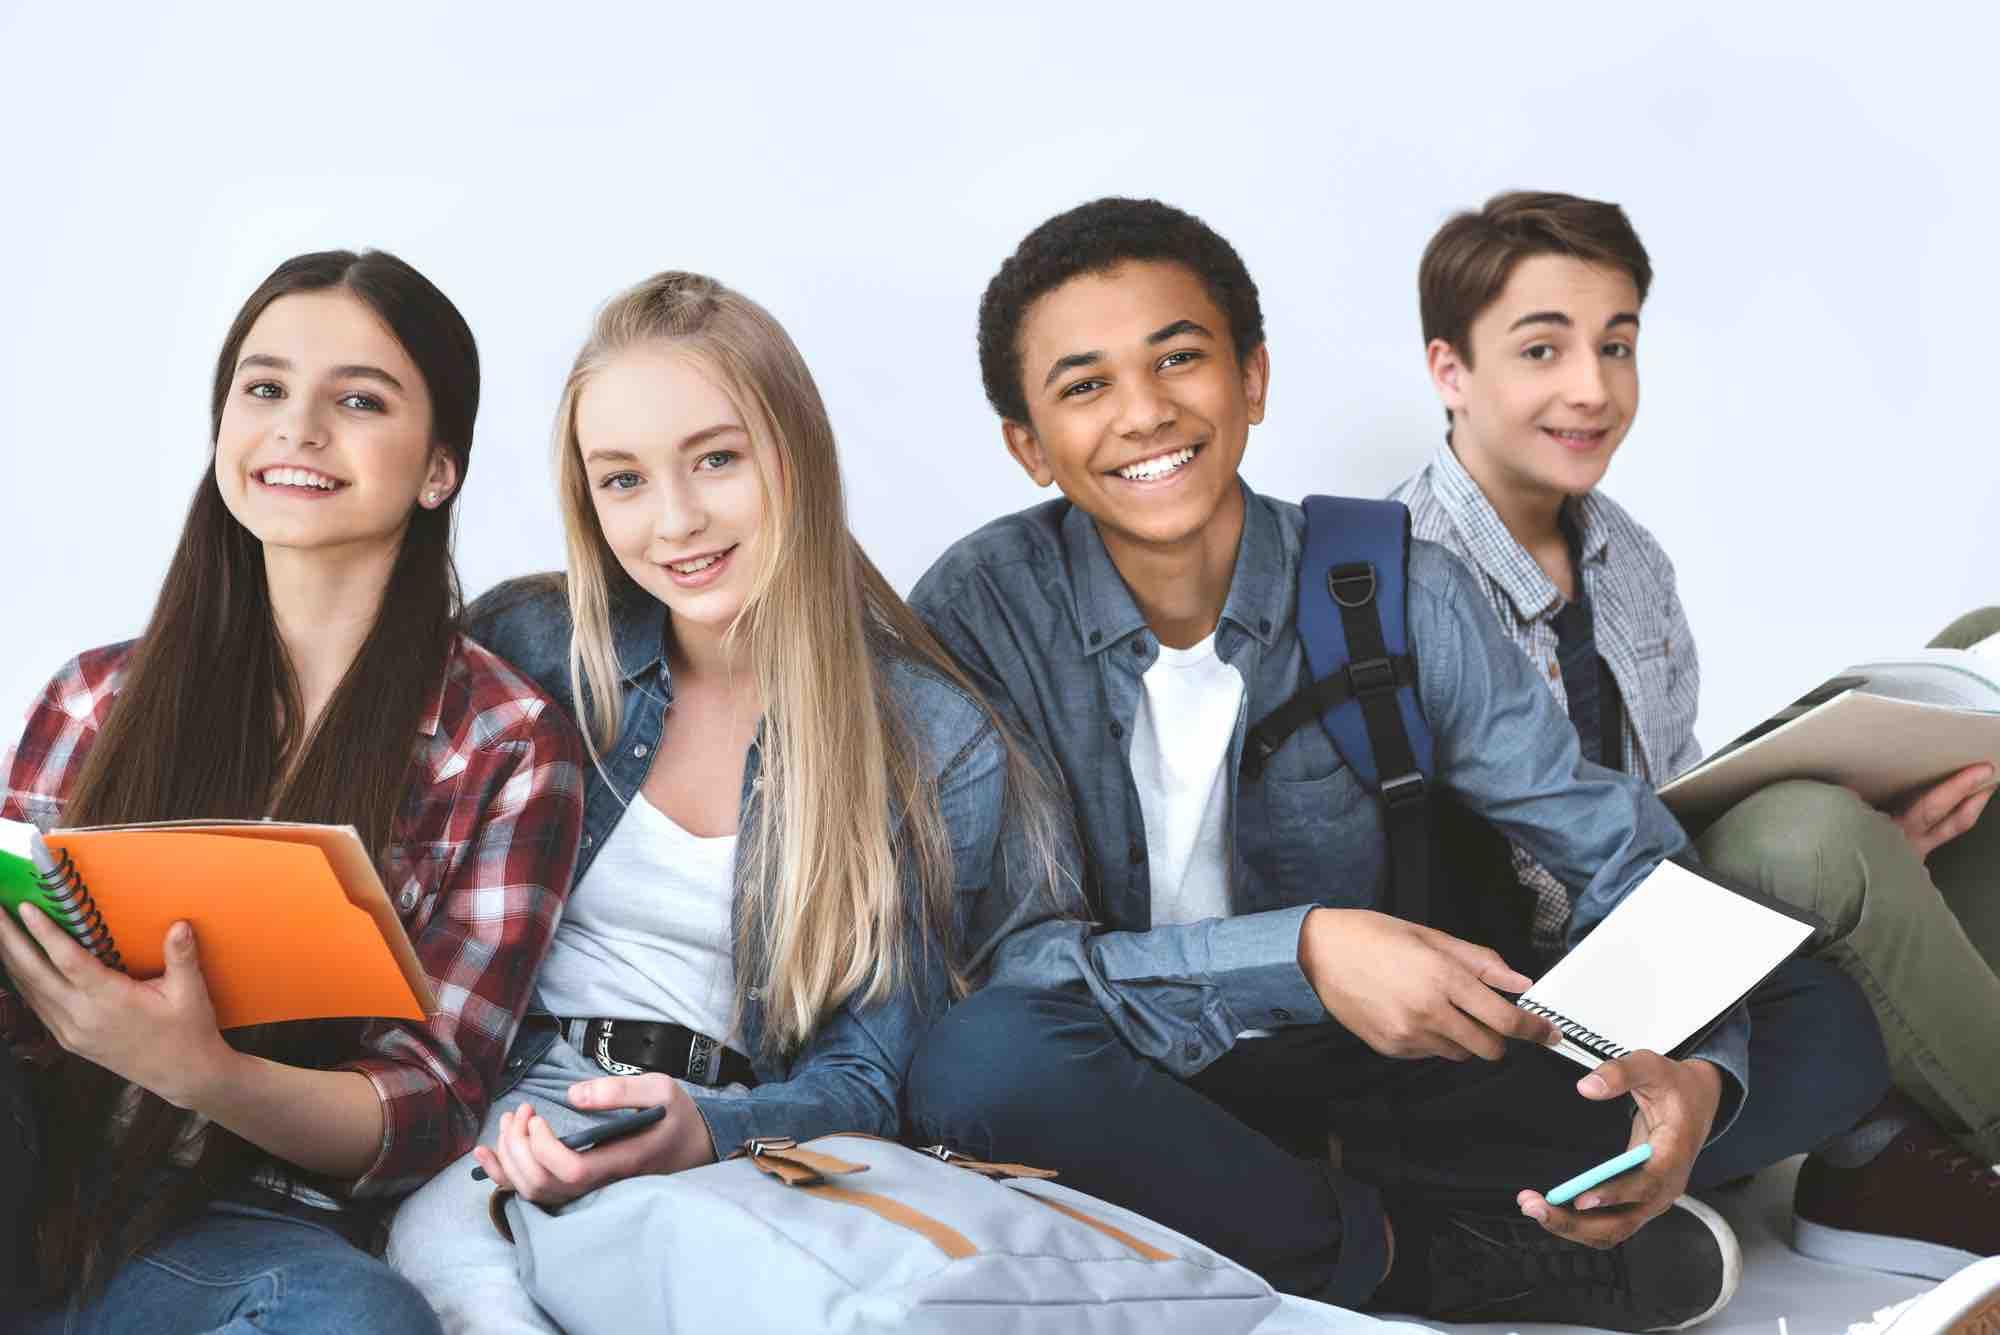 Bewerbung für Schüler und Auszubildende